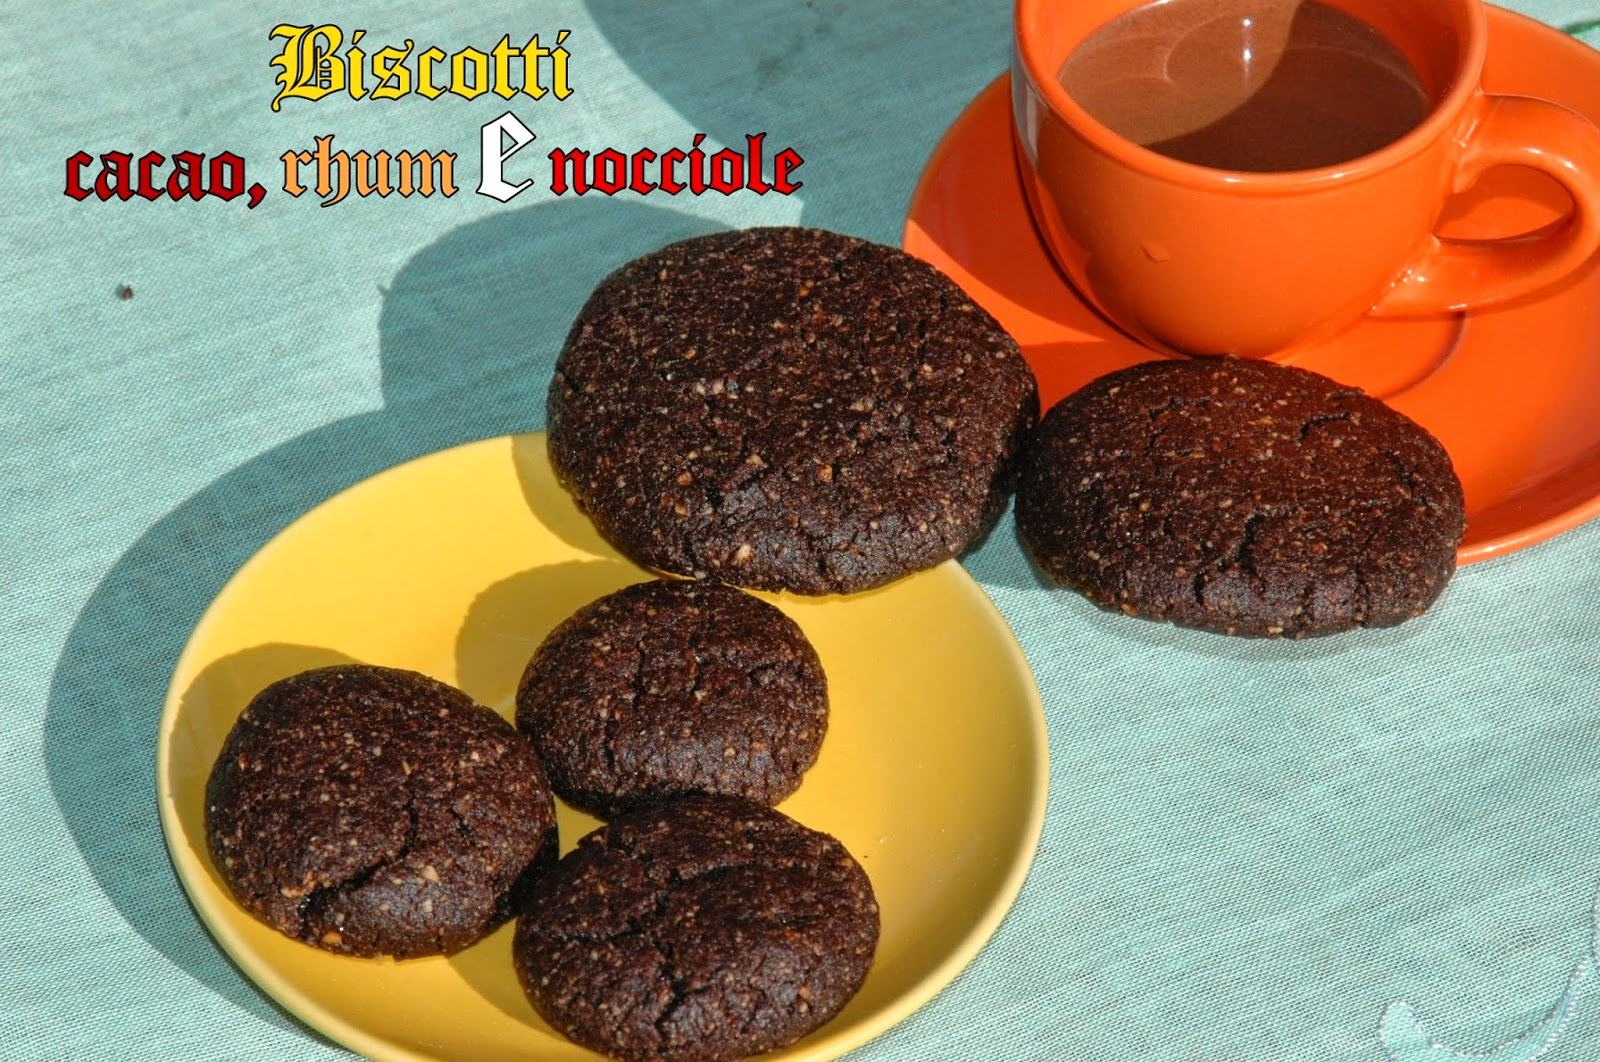 biscotti cacao, rhum e nocciole ( senza uova e lievito)